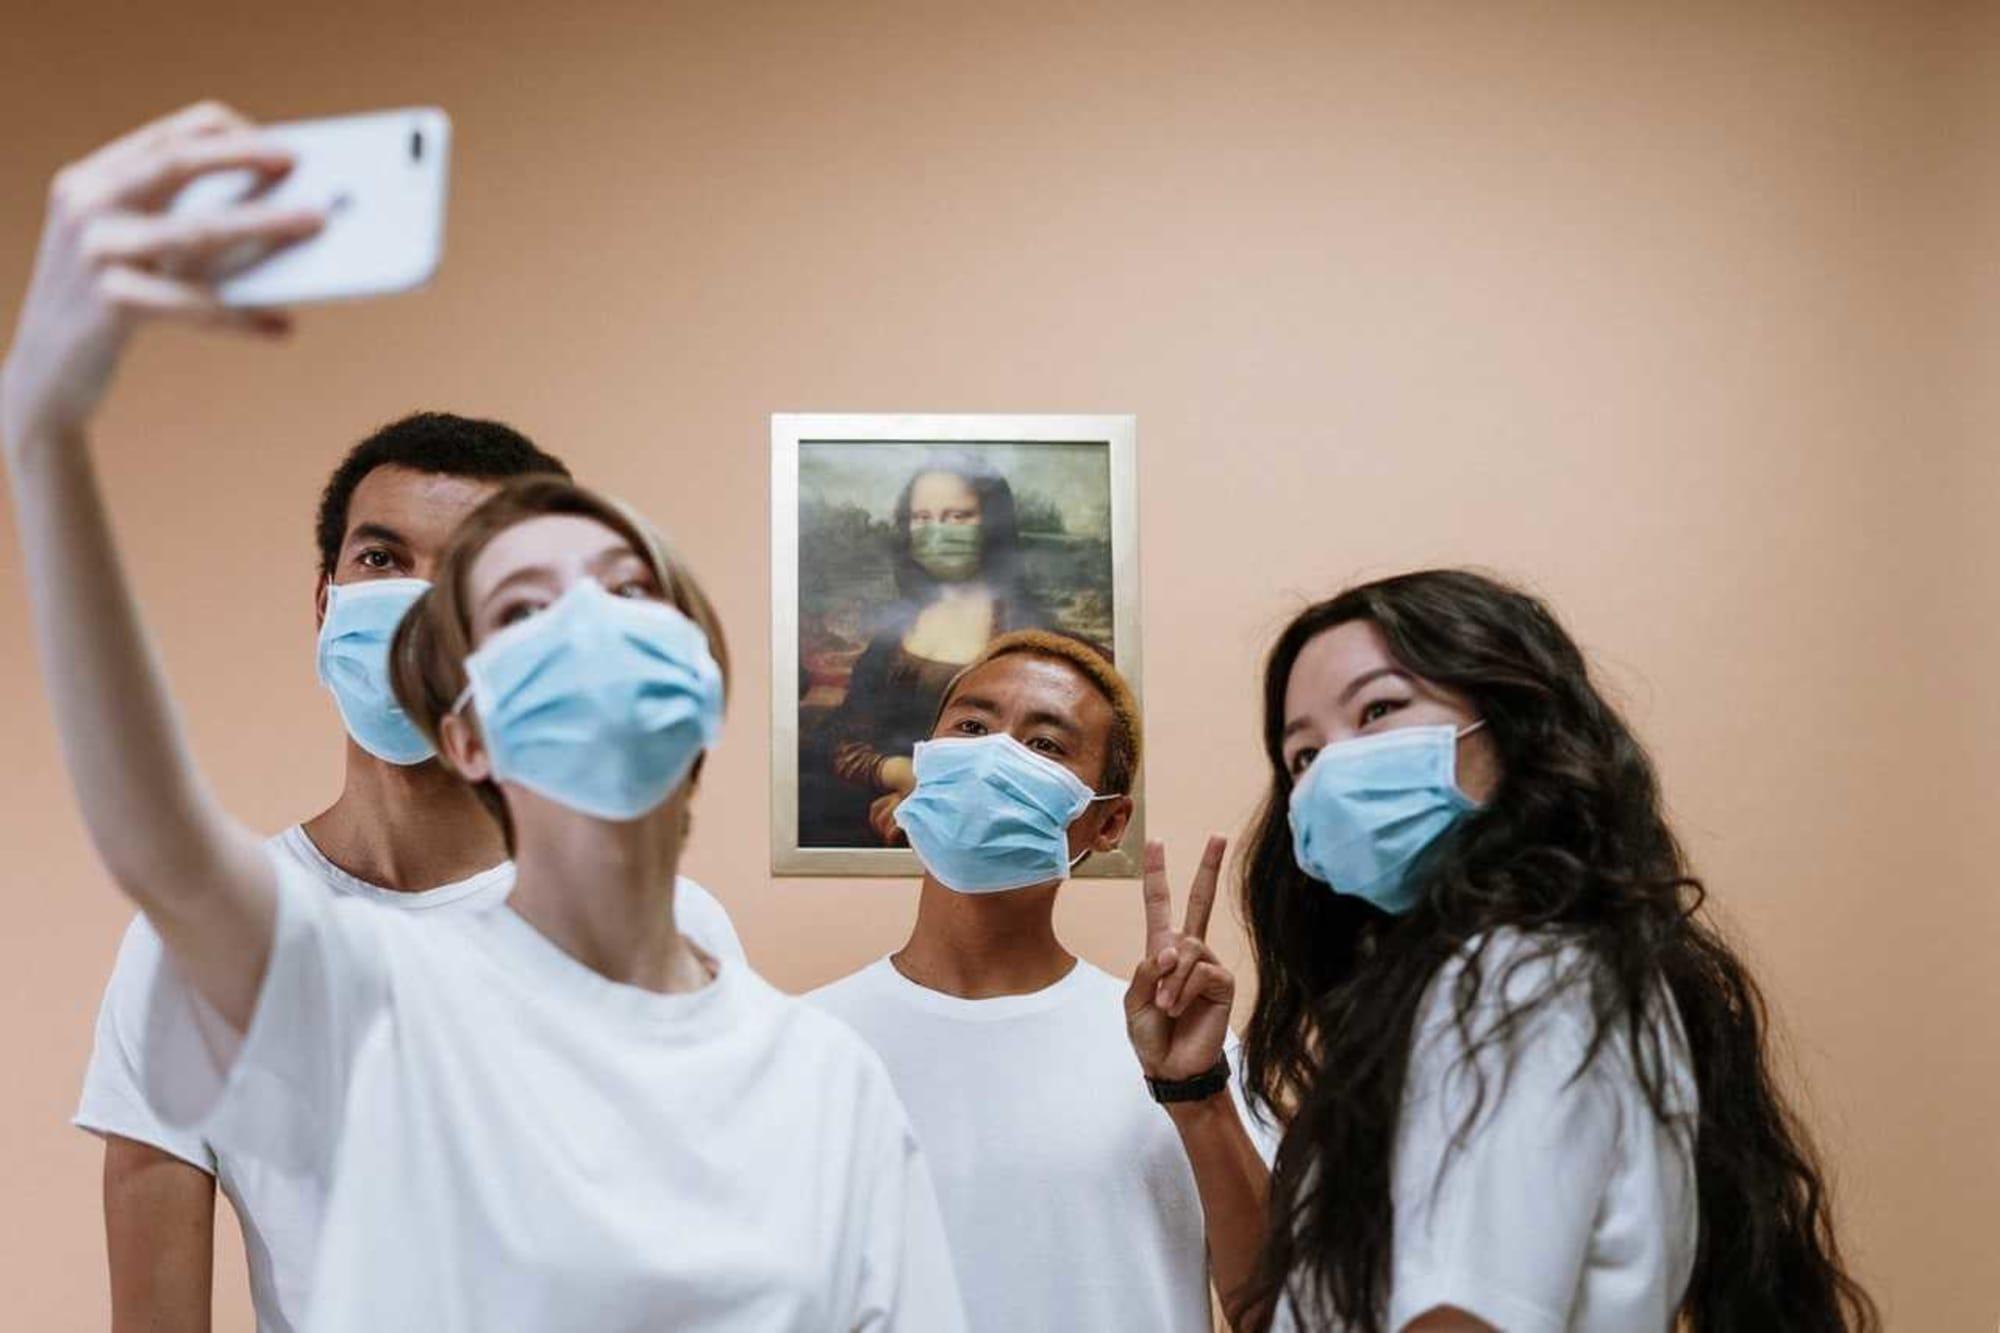 Studiranje u doba corone - kako corona virus utječe na studente i studentski život?